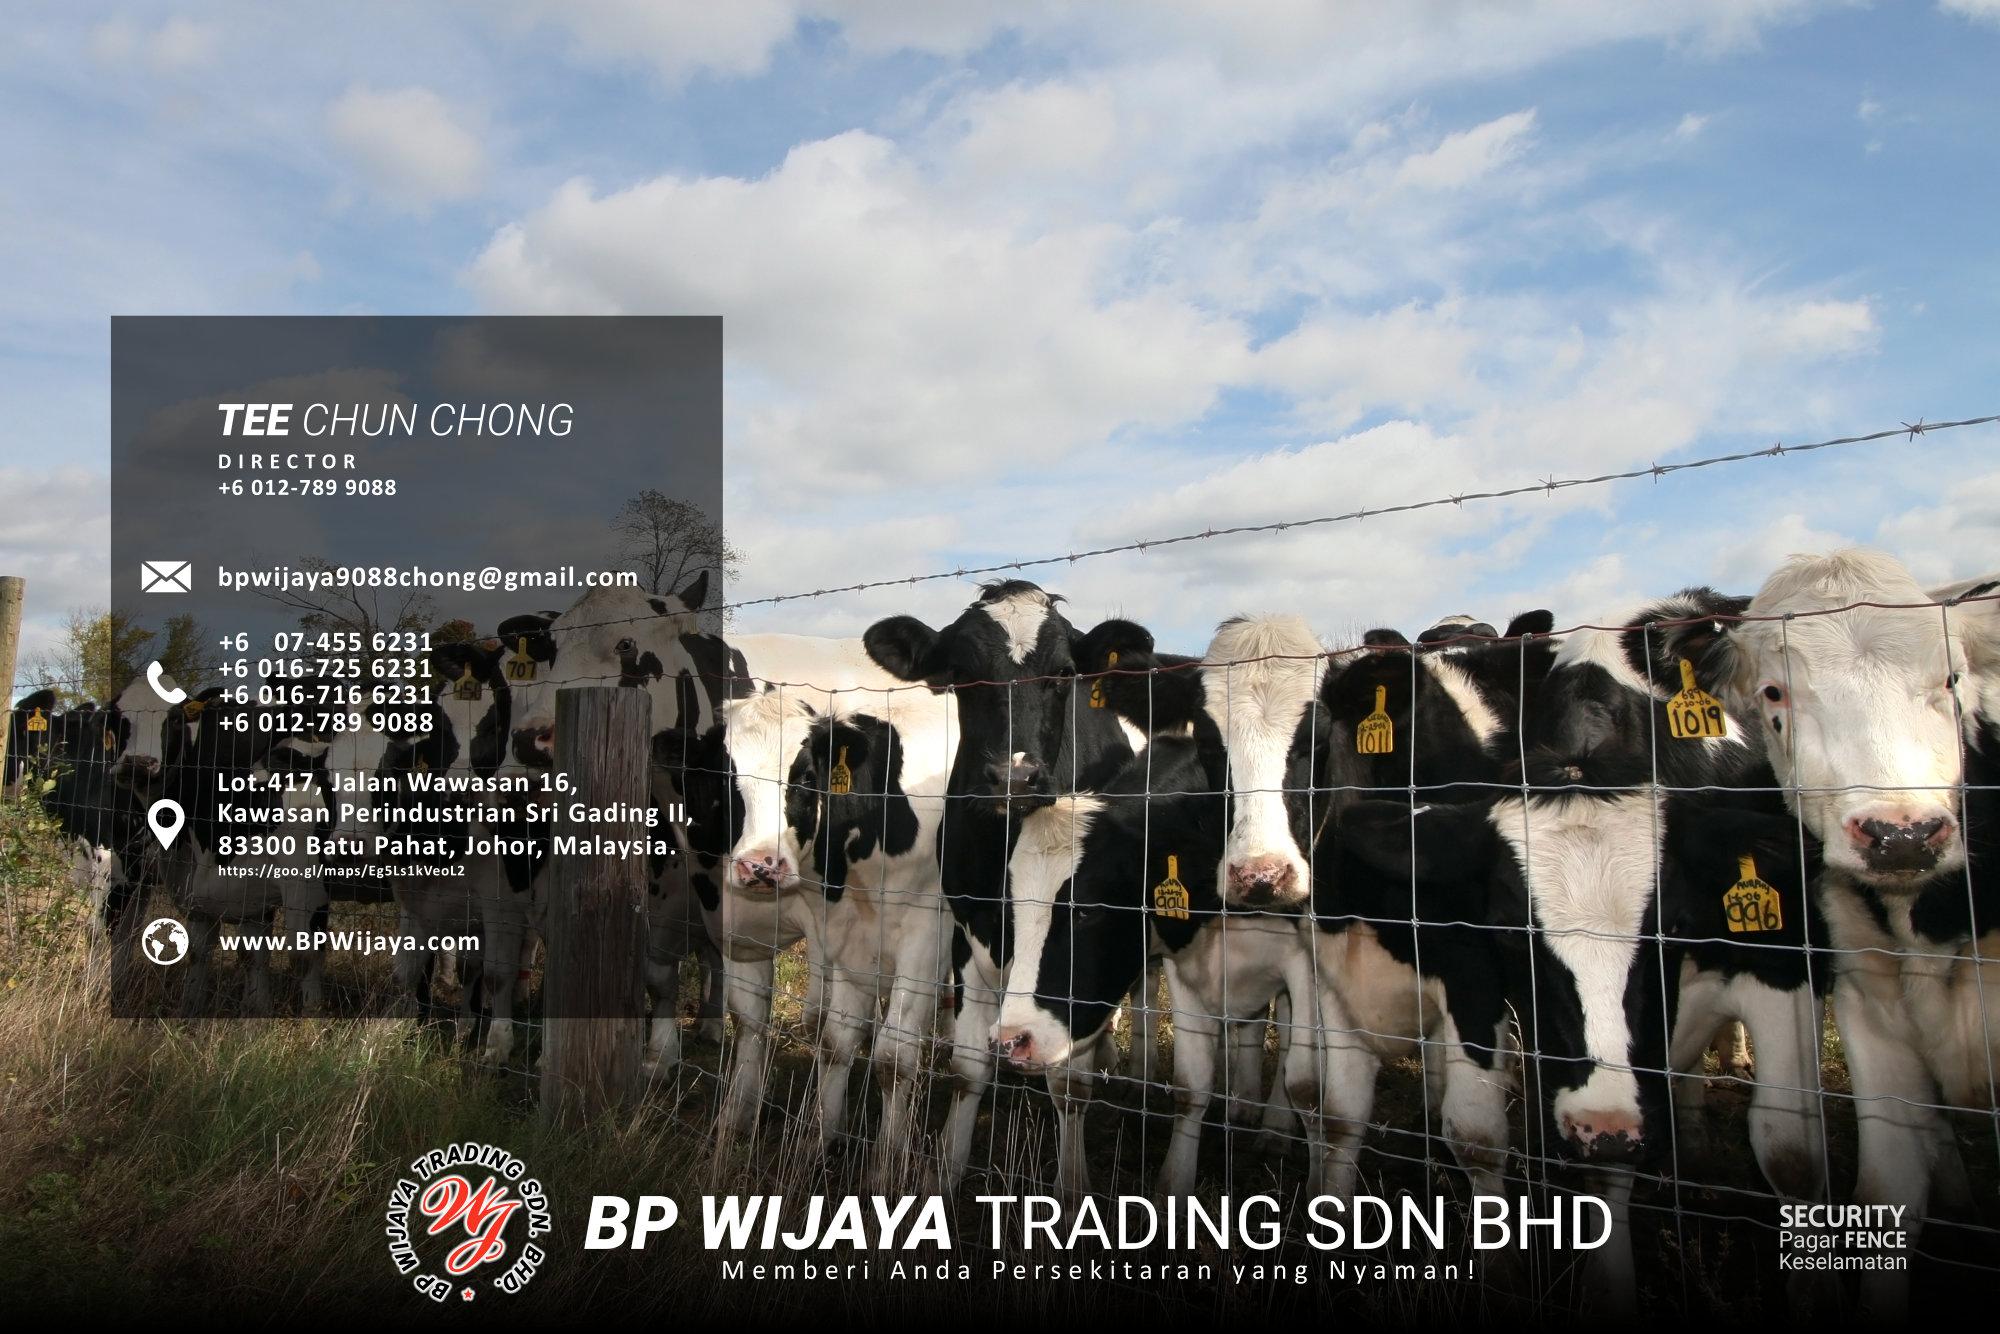 Pembekal Kuala Lumpur Pagar Keselamatan kami merupakan pengilang pagar keselamatan BP Wijaya Trading Sdn Bhd Pagar Taman Pagar Bangunan Pagar Kilang Pagar Rumah Pemborong Pagar Keselamatan A03-020